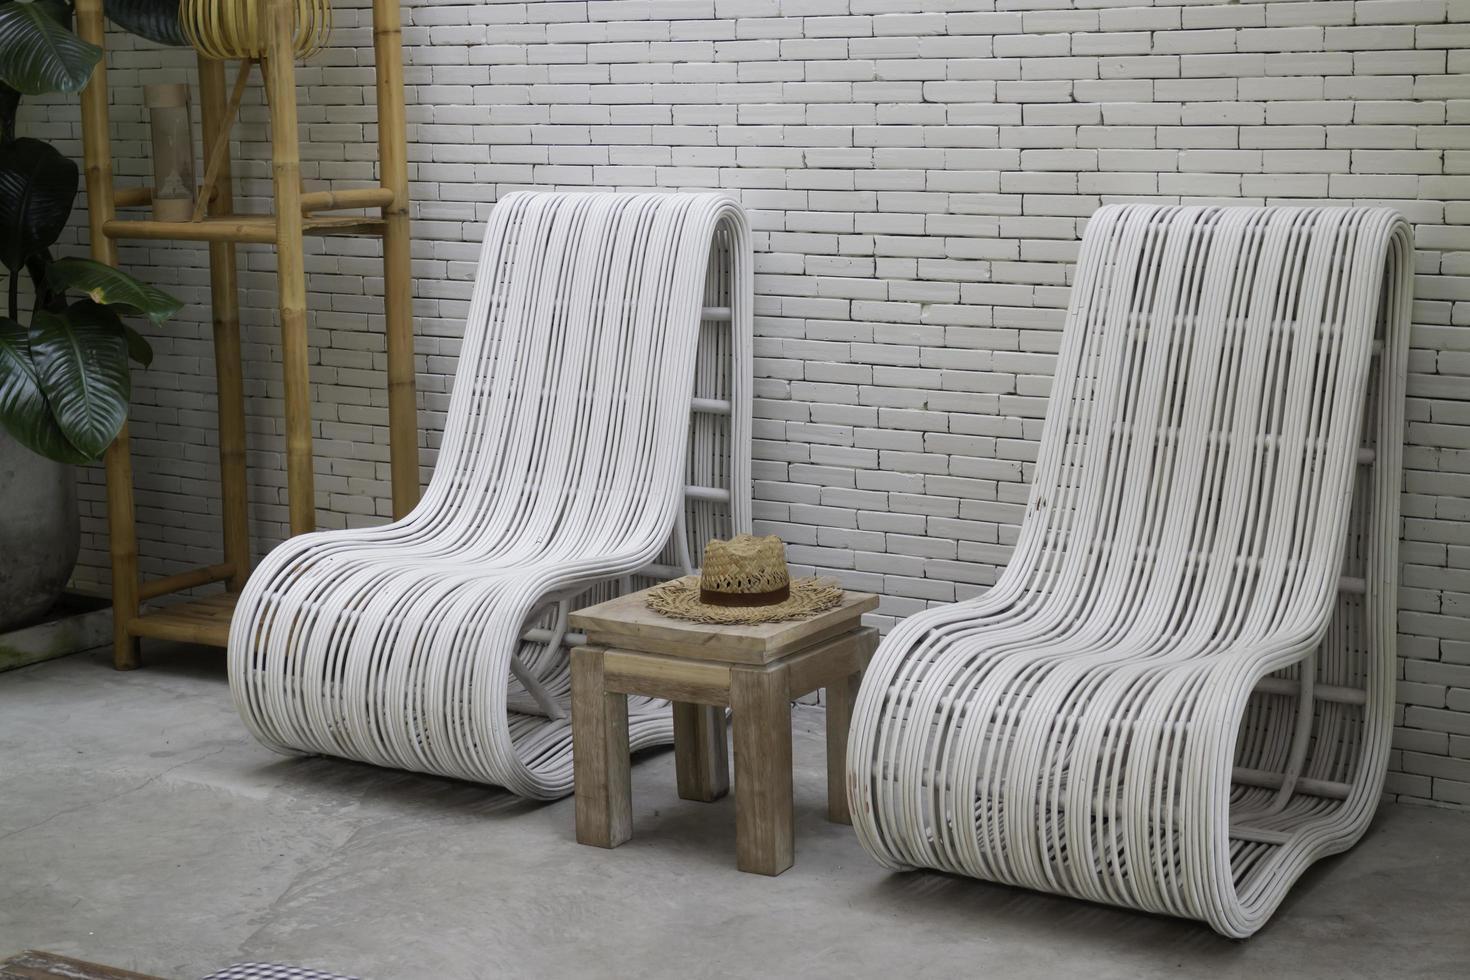 Chaises blanches contre un mur de briques photo